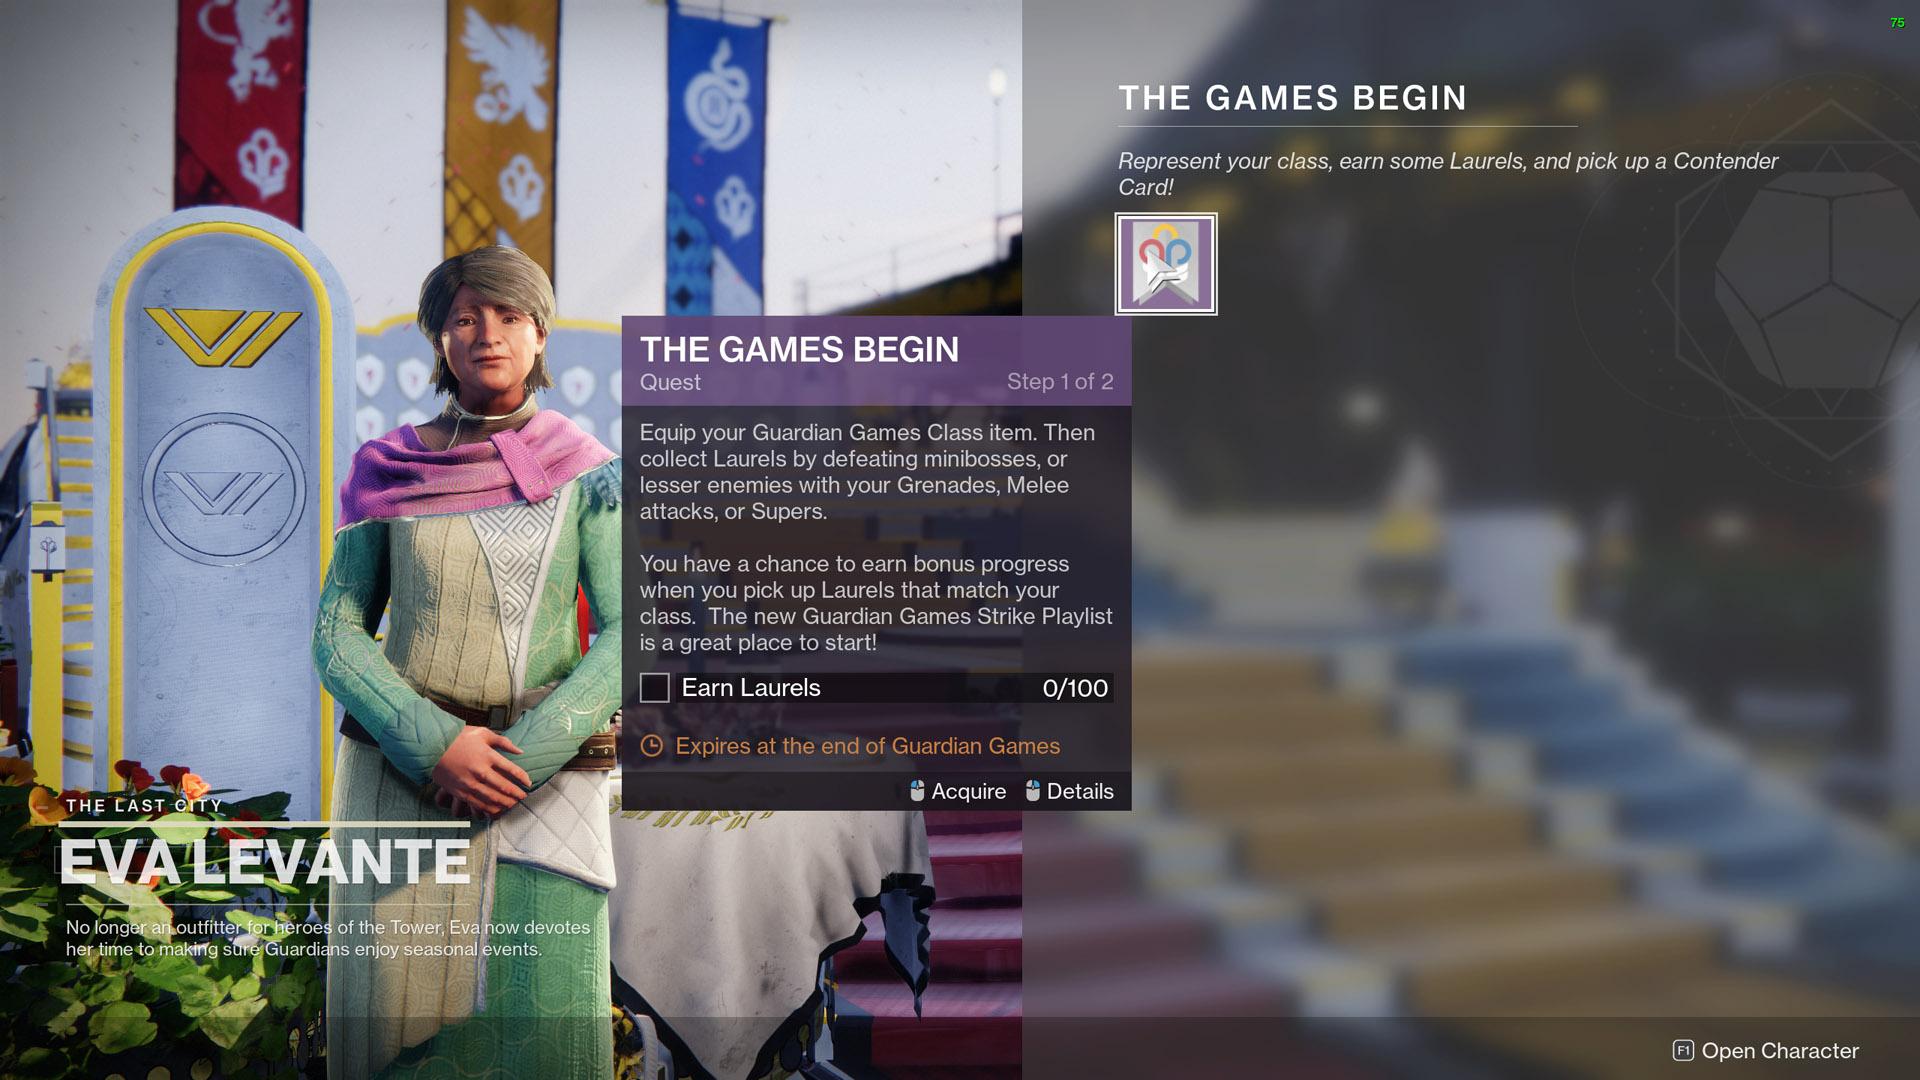 destiny 2 guardian games 2021 the games begin